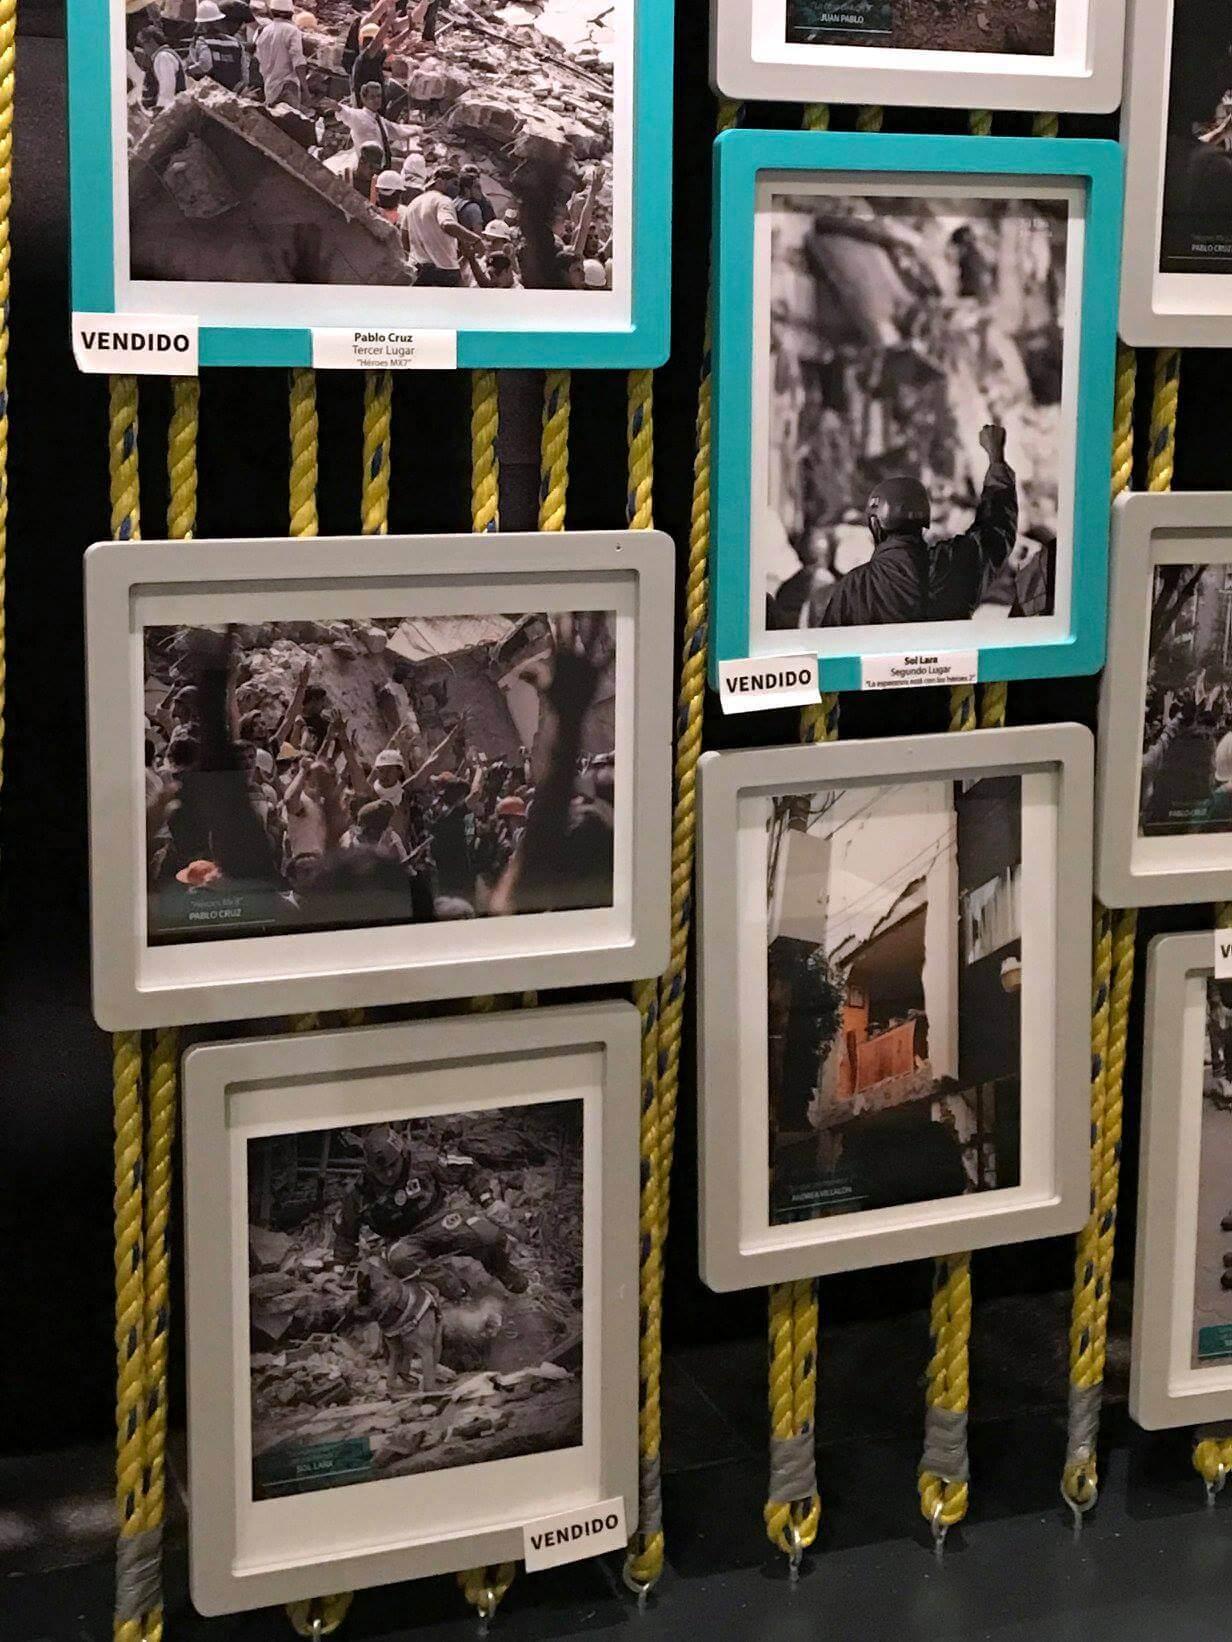 Fotografías del fotógrafo Daniel Morales sufren plagio